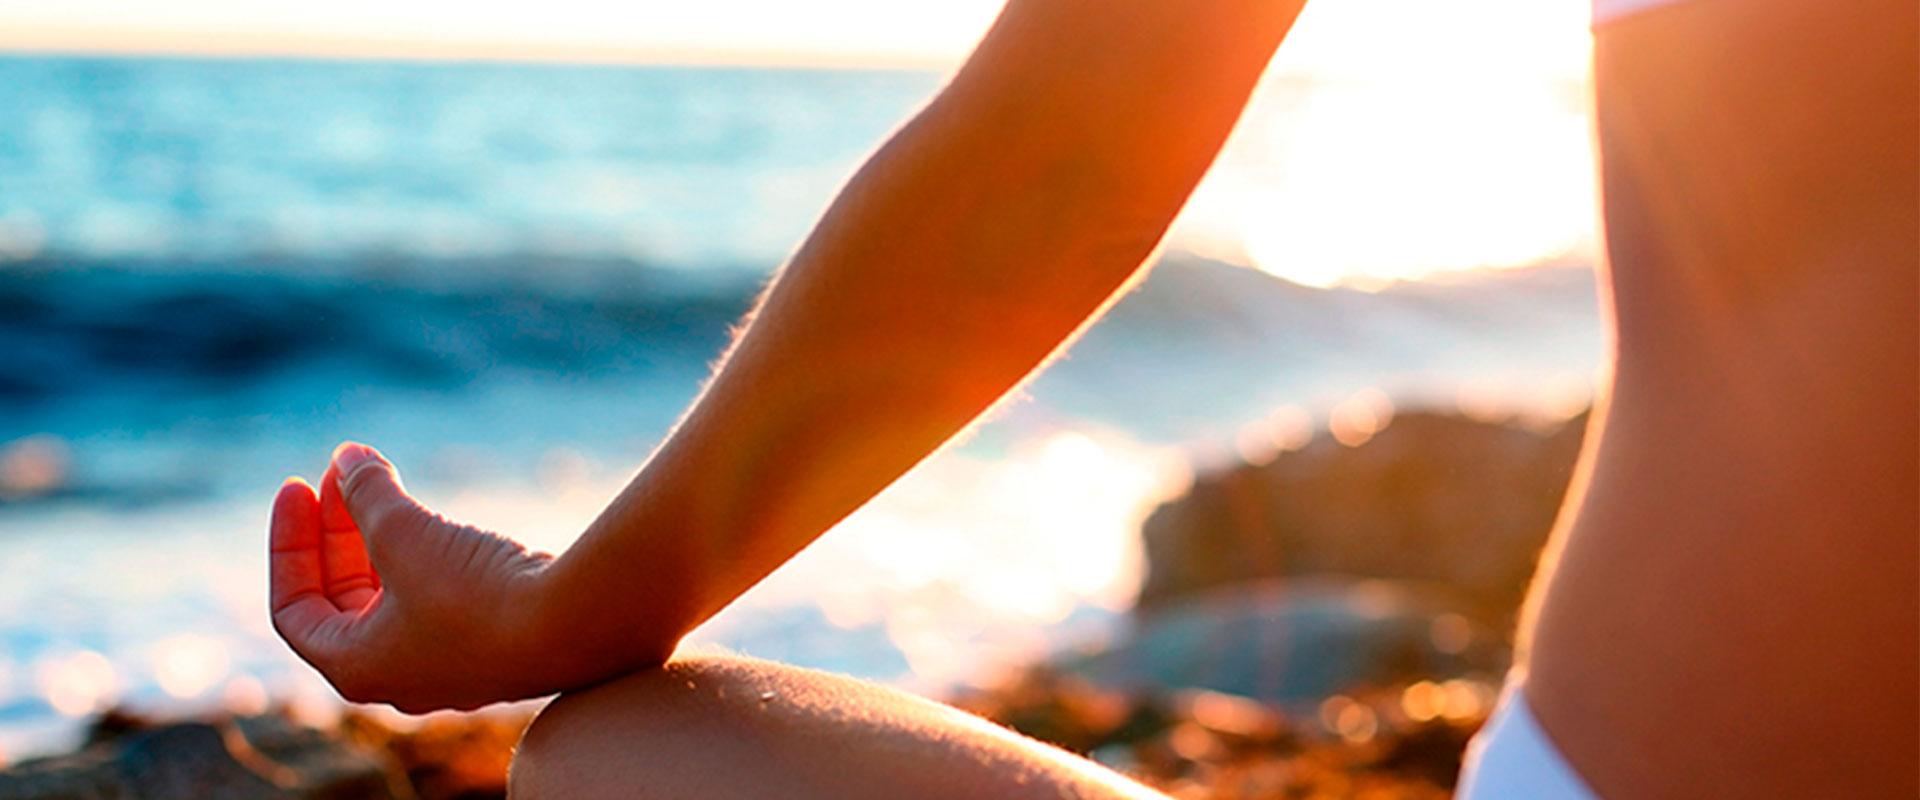 Mujer sentada en la playa en posición de flor de loto.